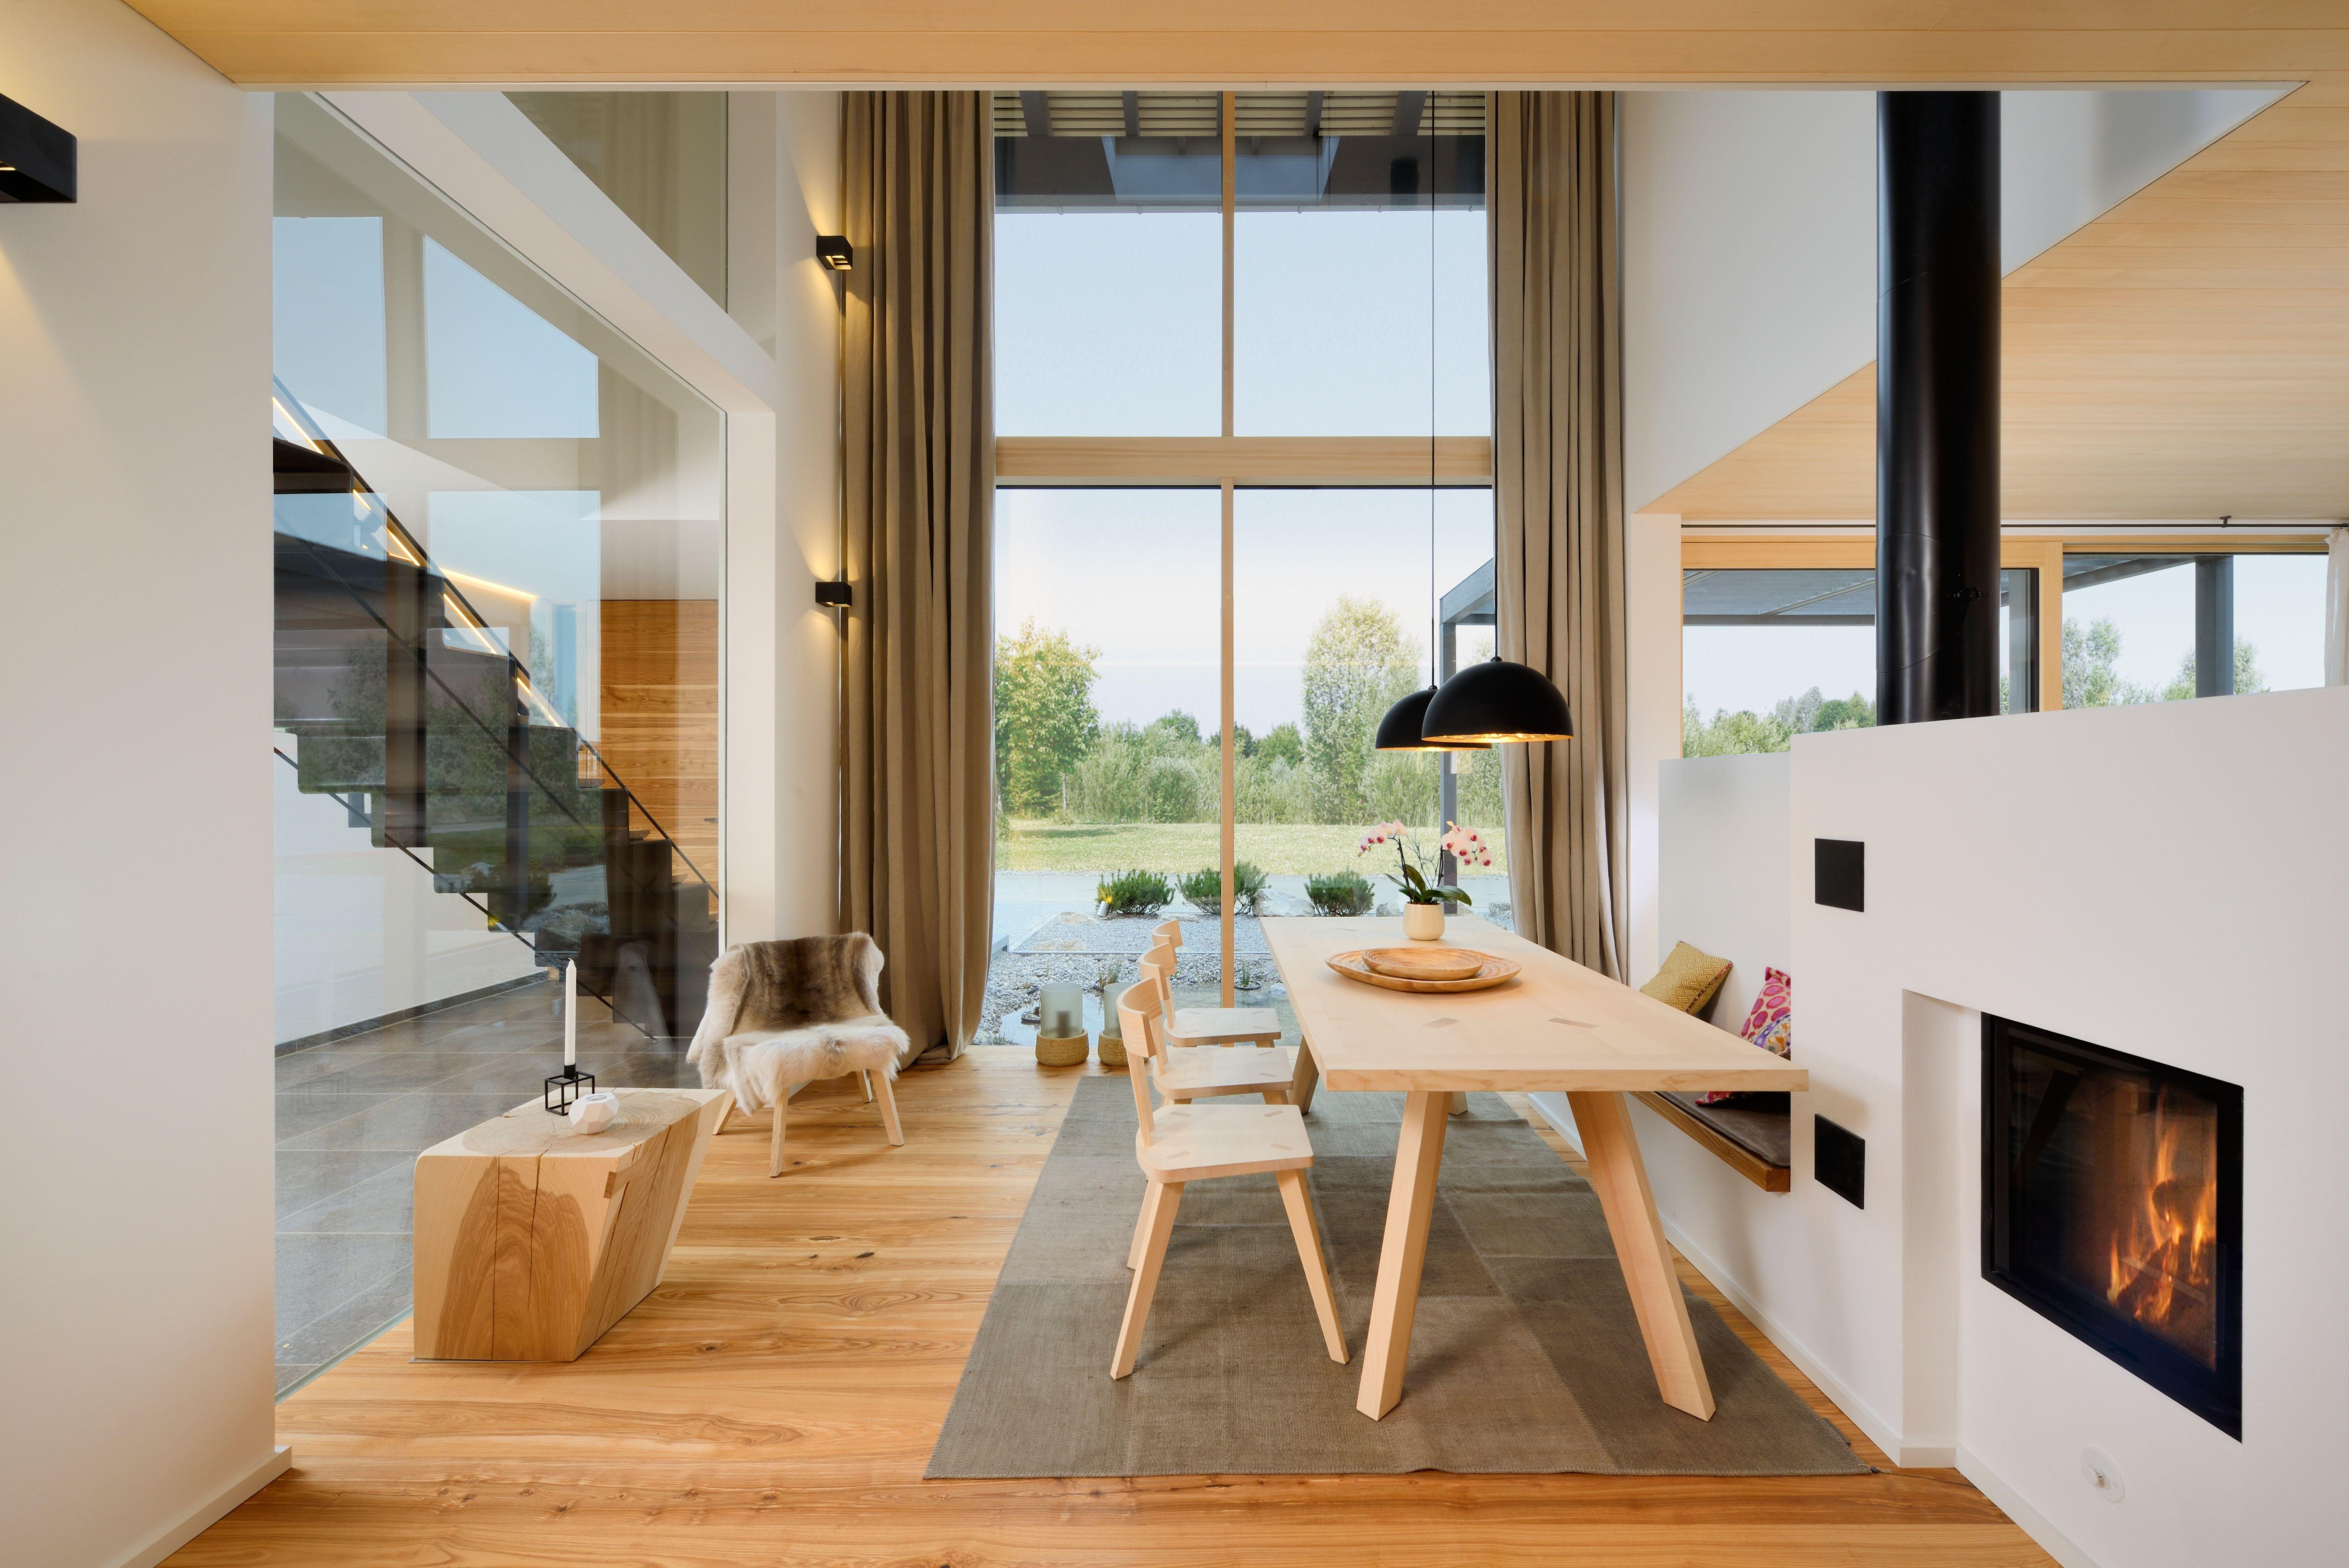 Ein Stylisches Esszimmer Mit Bodentiefen Fenstern, Daneben Der Kaminofen  Und Die Stahltreppe, Die In